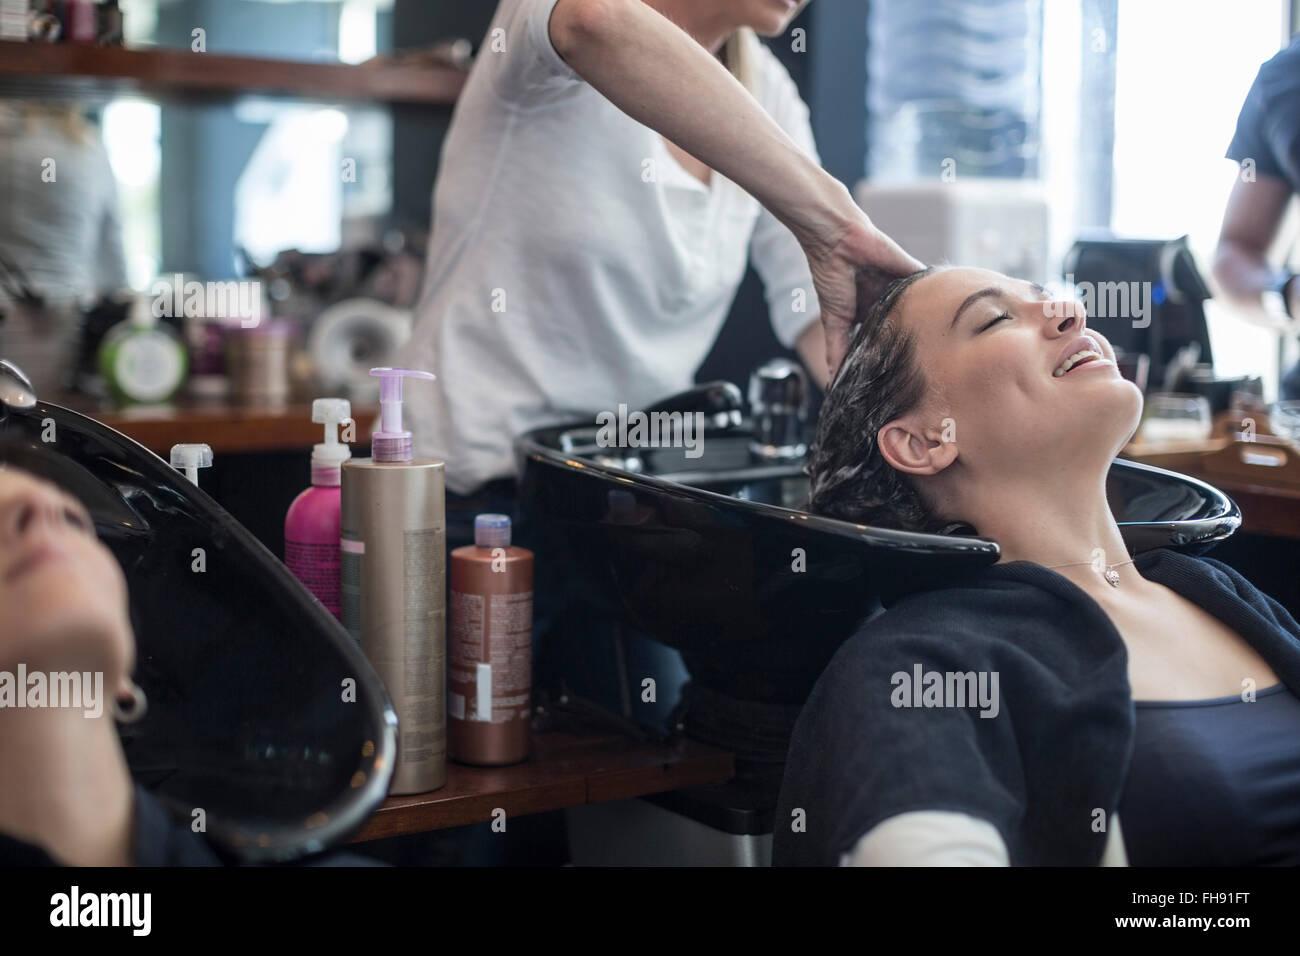 Mujer en la peluquería obteniendo lavados de cabello Imagen De Stock